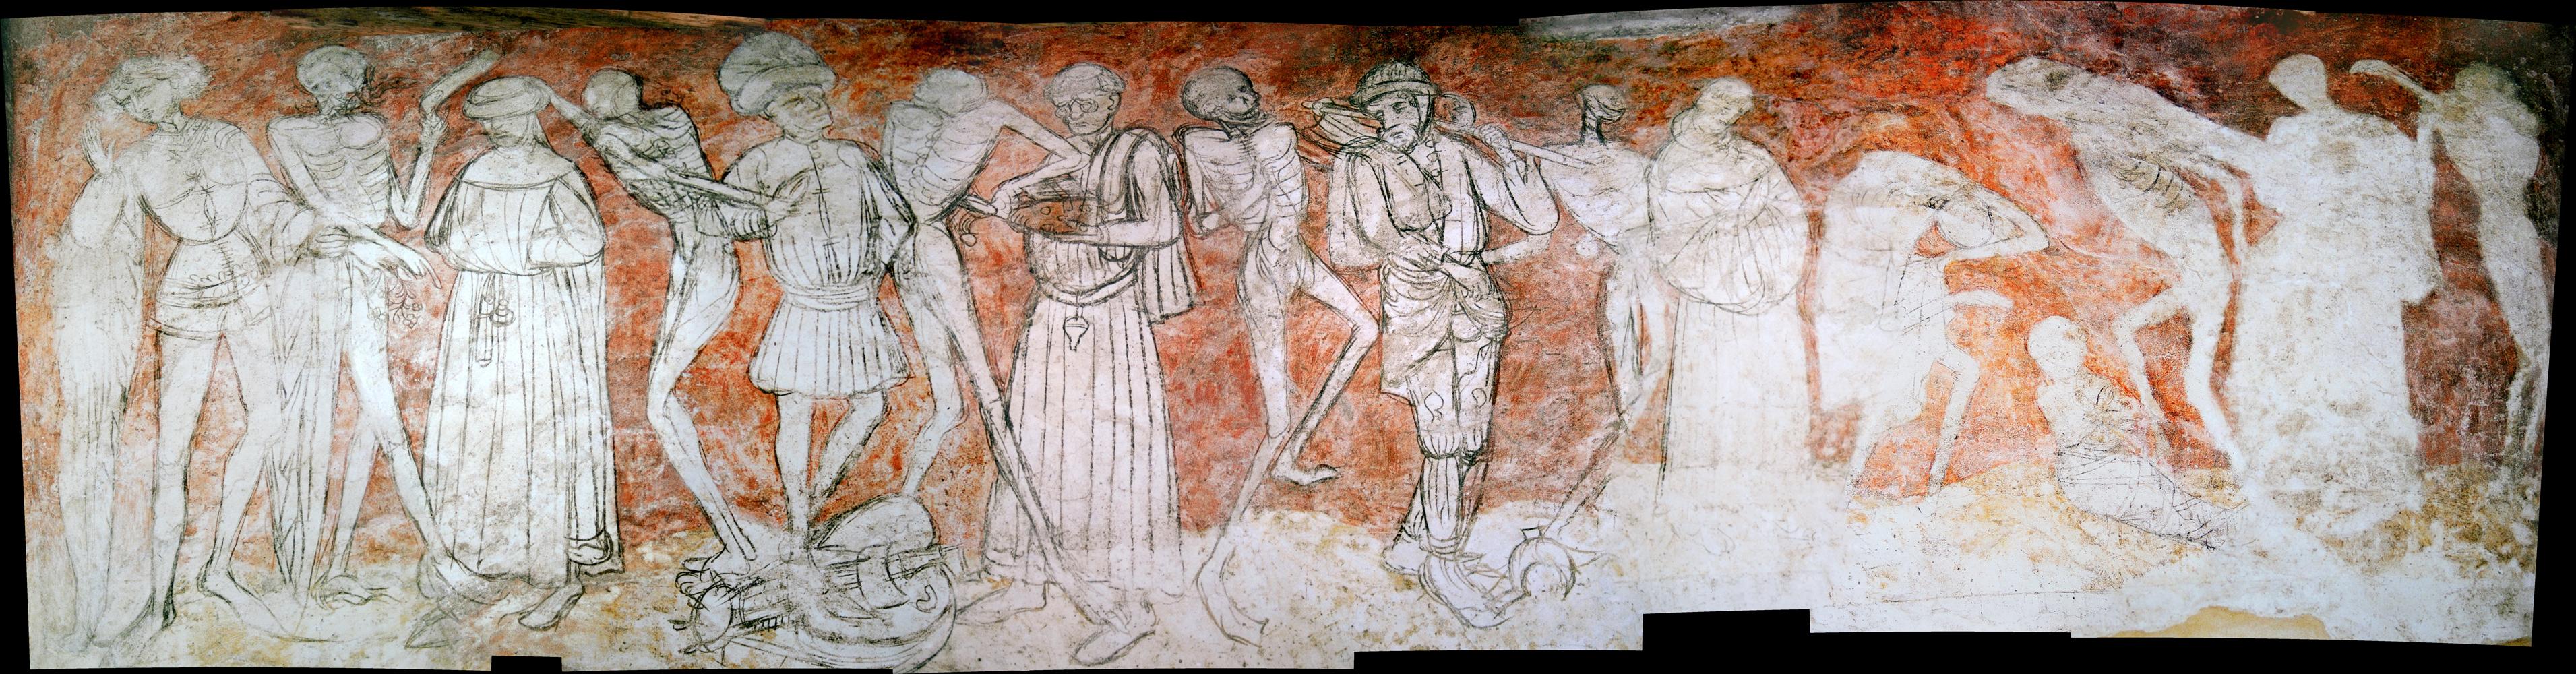 file danse macabre chaise dieu wikimedia